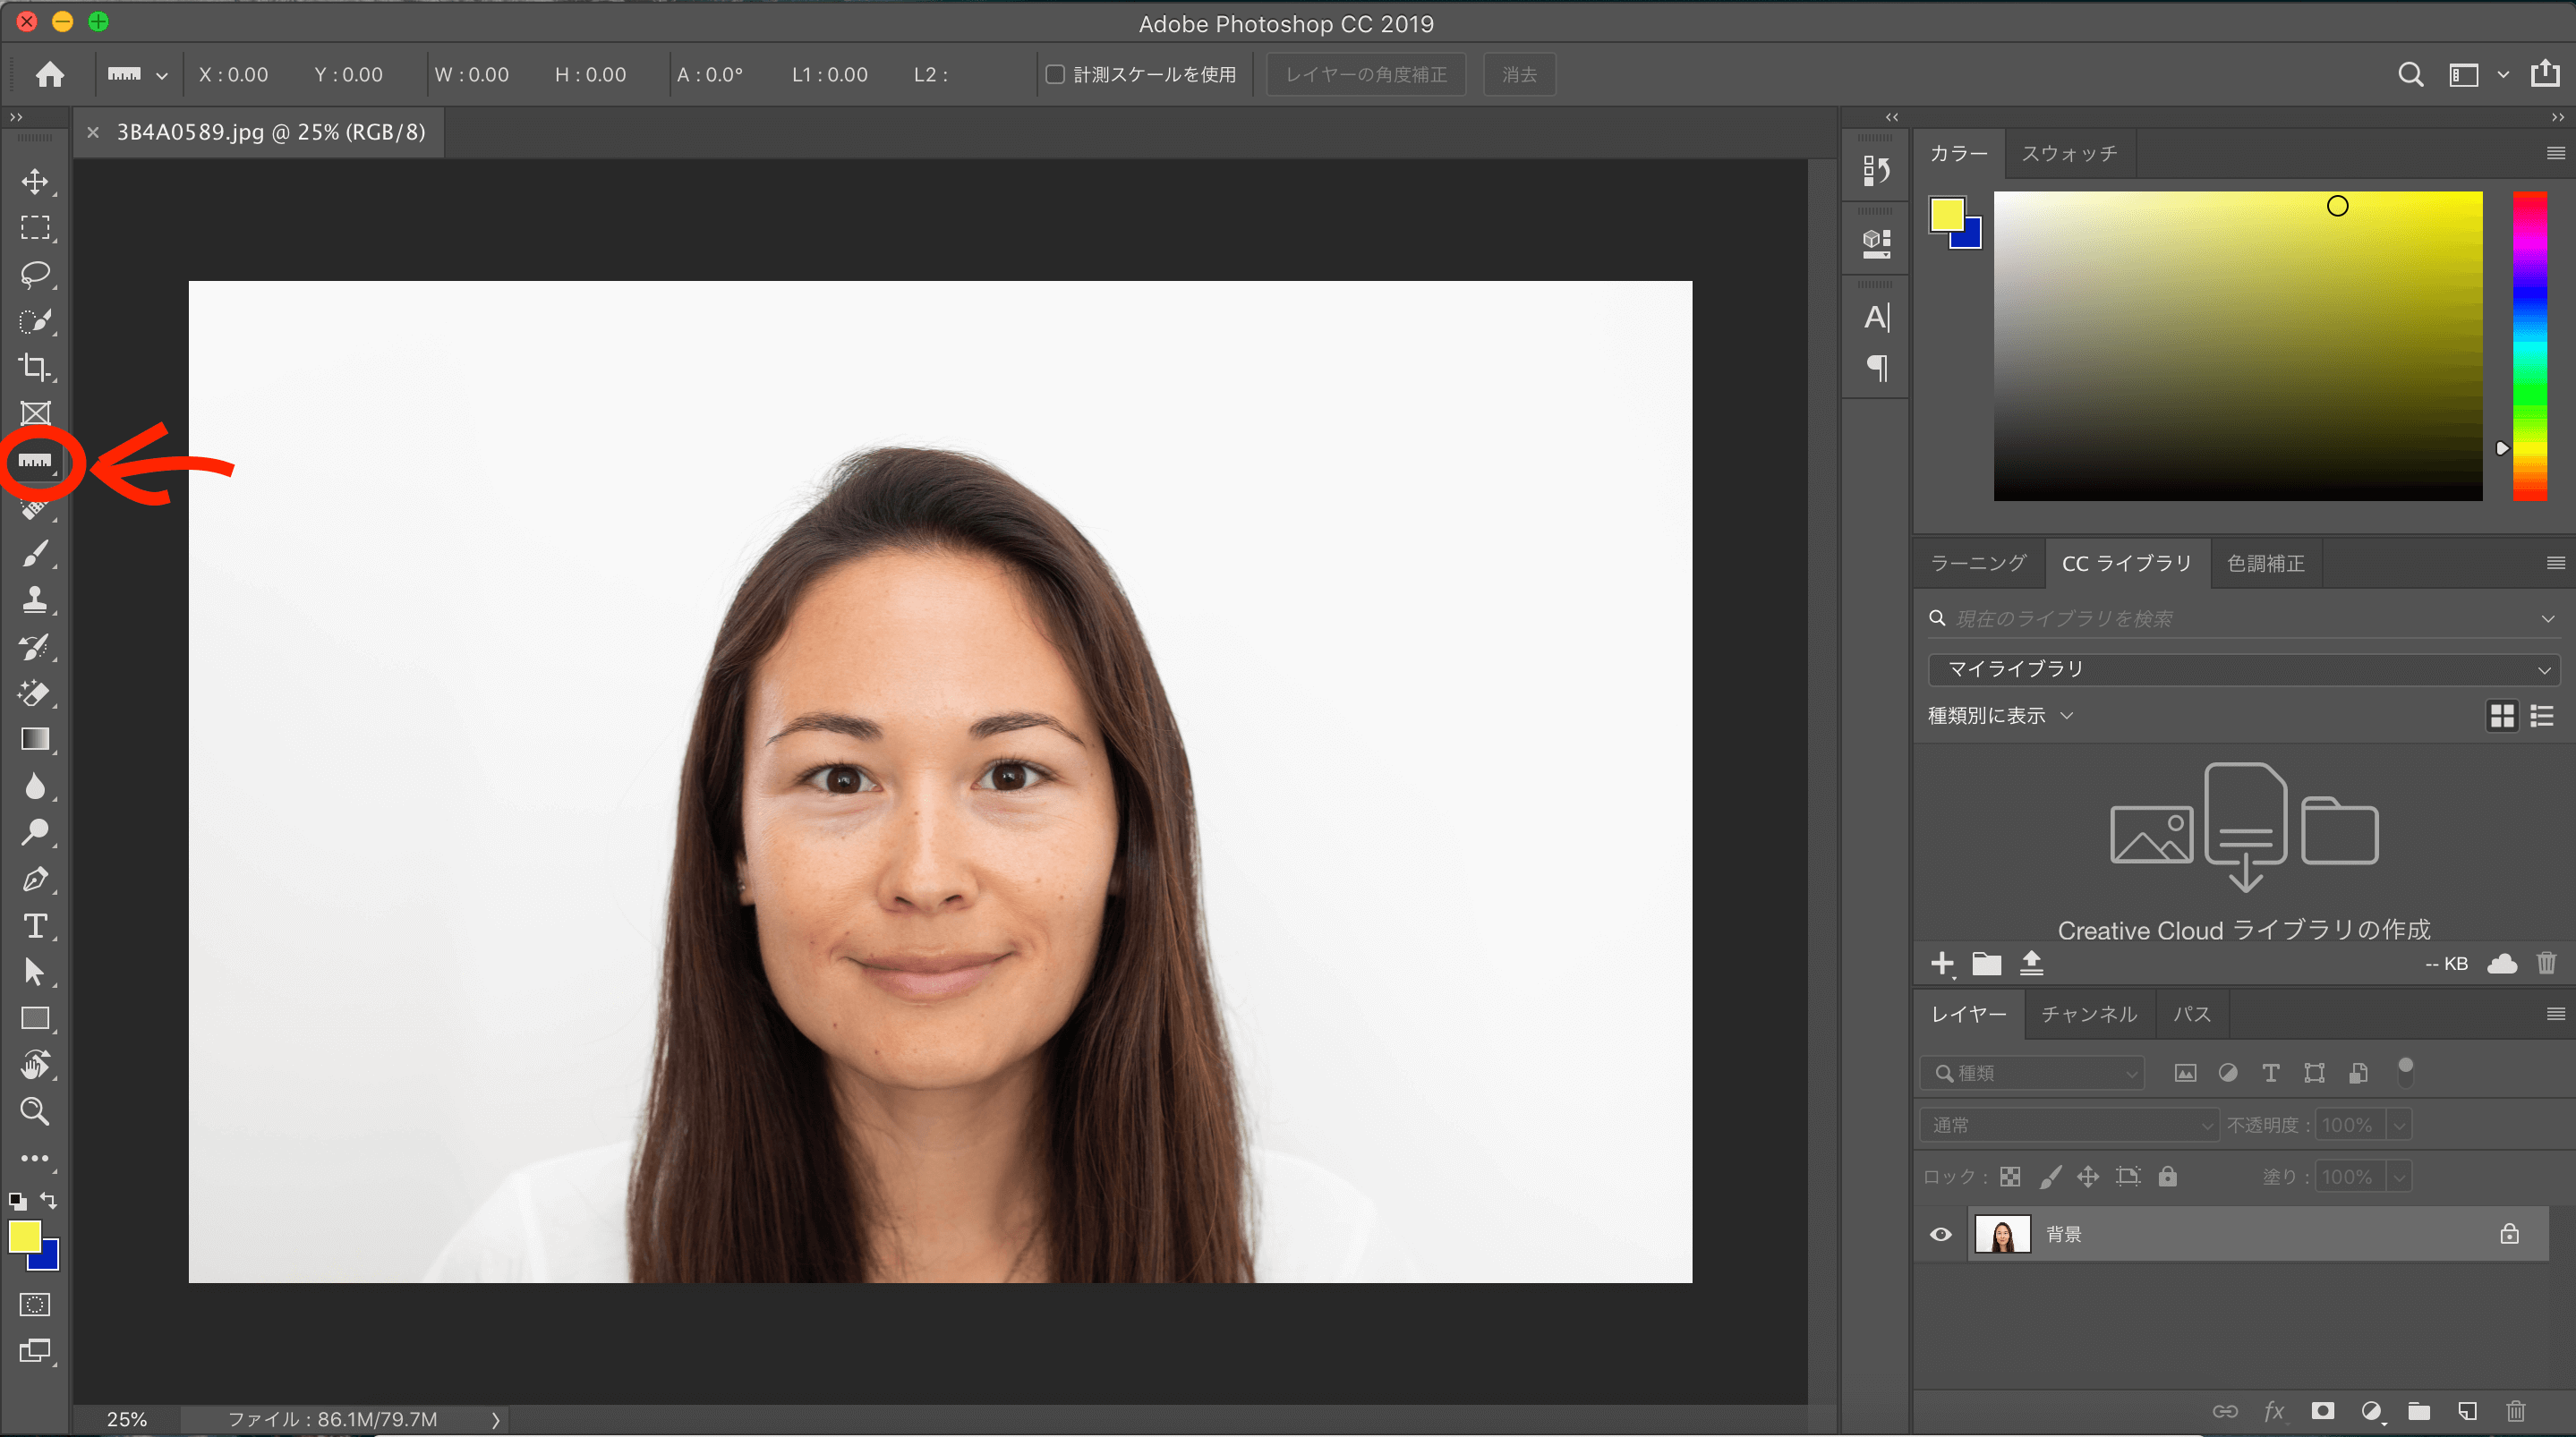 Photoshop ものさしツール